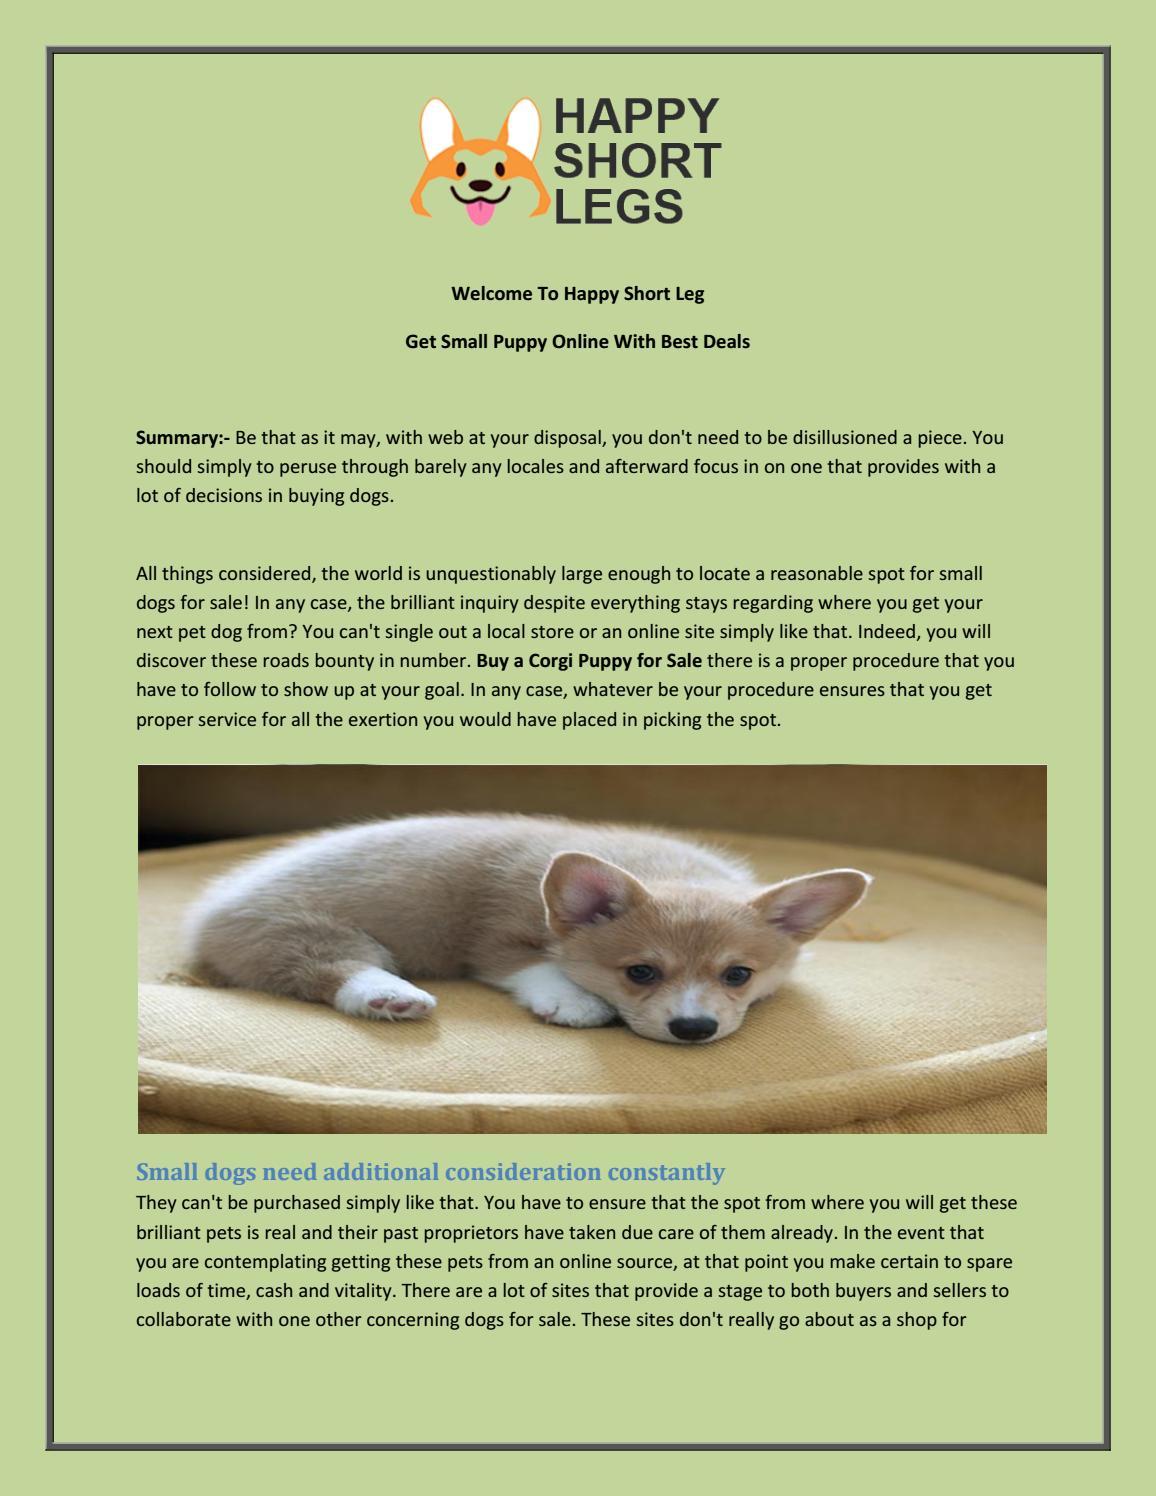 Get Small Puppy Online With Best Deals By Happyshortlegs Issuu